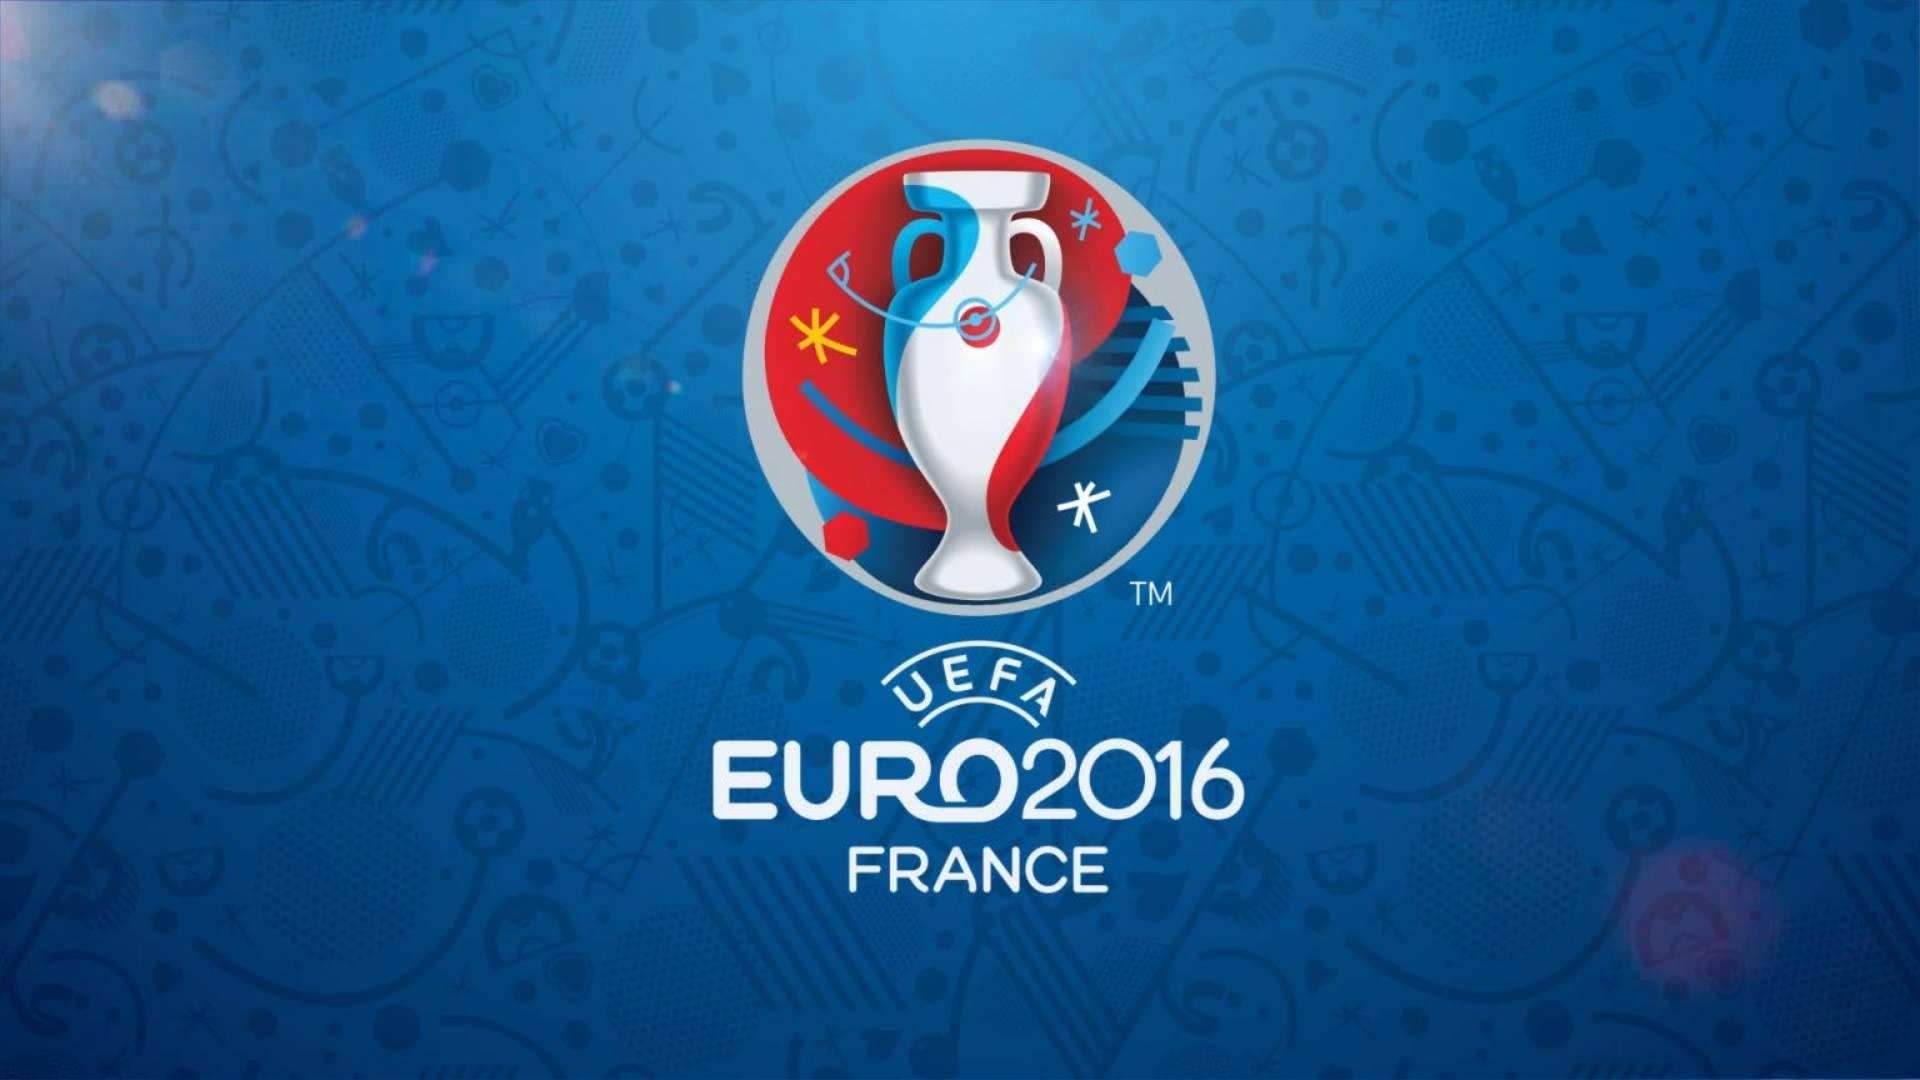 Miało być wielkie święto piłki nożnej, a wyszło partactwo. UEFA Euro 2016 – recenzja Spider's Web